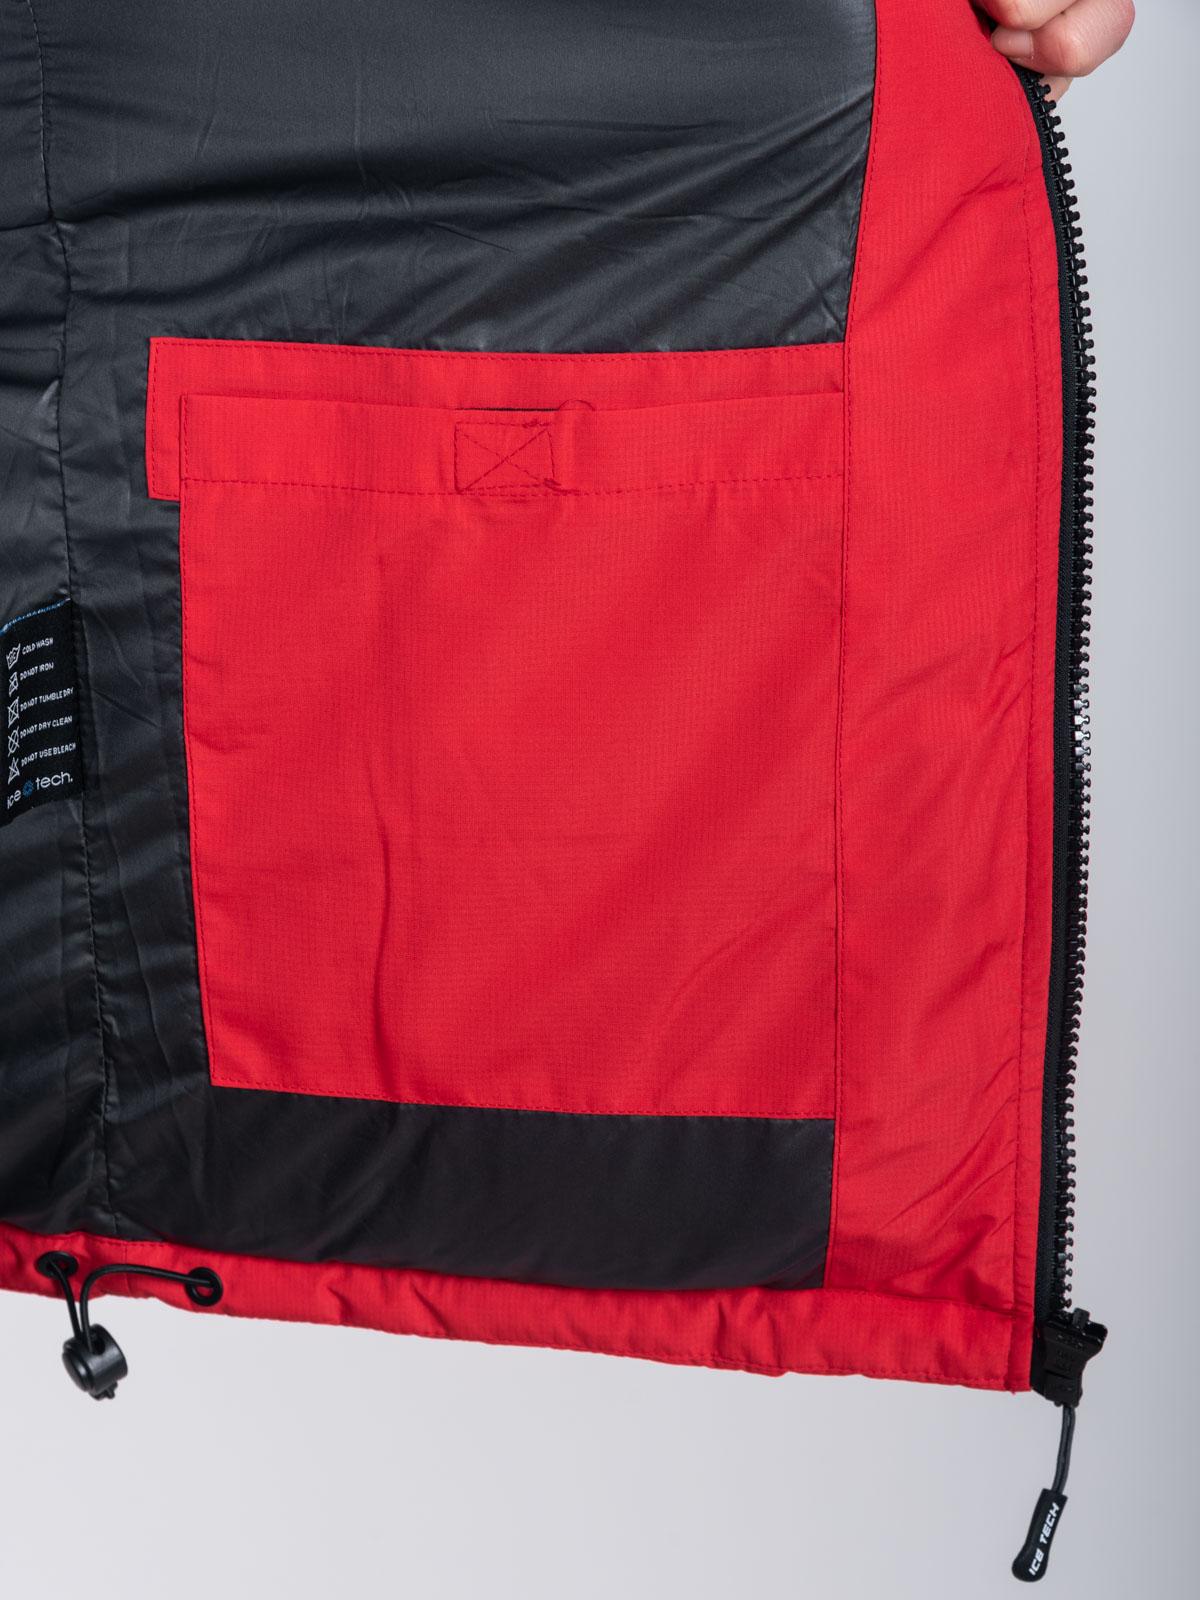 ICETECH G828 RED - ΑΝΡΙΚΟ ΤΖΑΚΕΤ ΚΟΚΚΙΝΟ